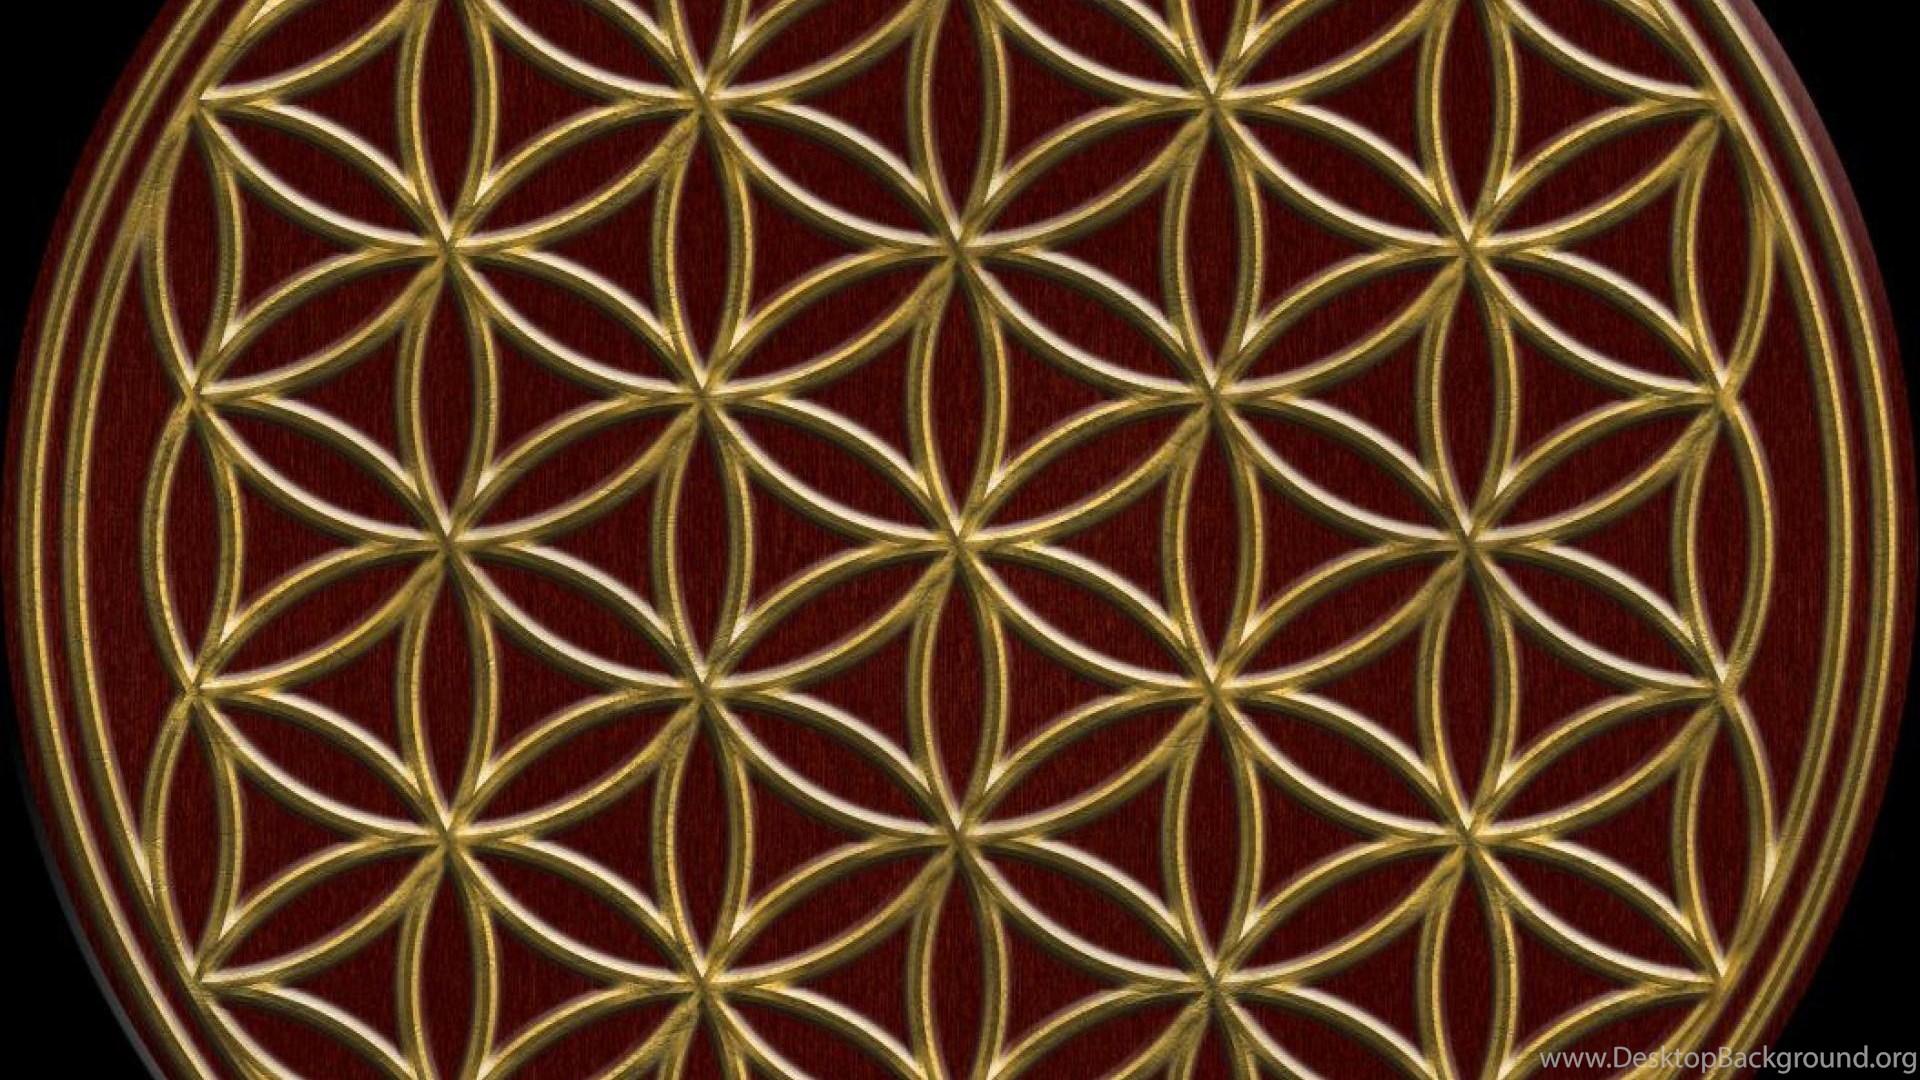 Flower Of Life Desktop Background